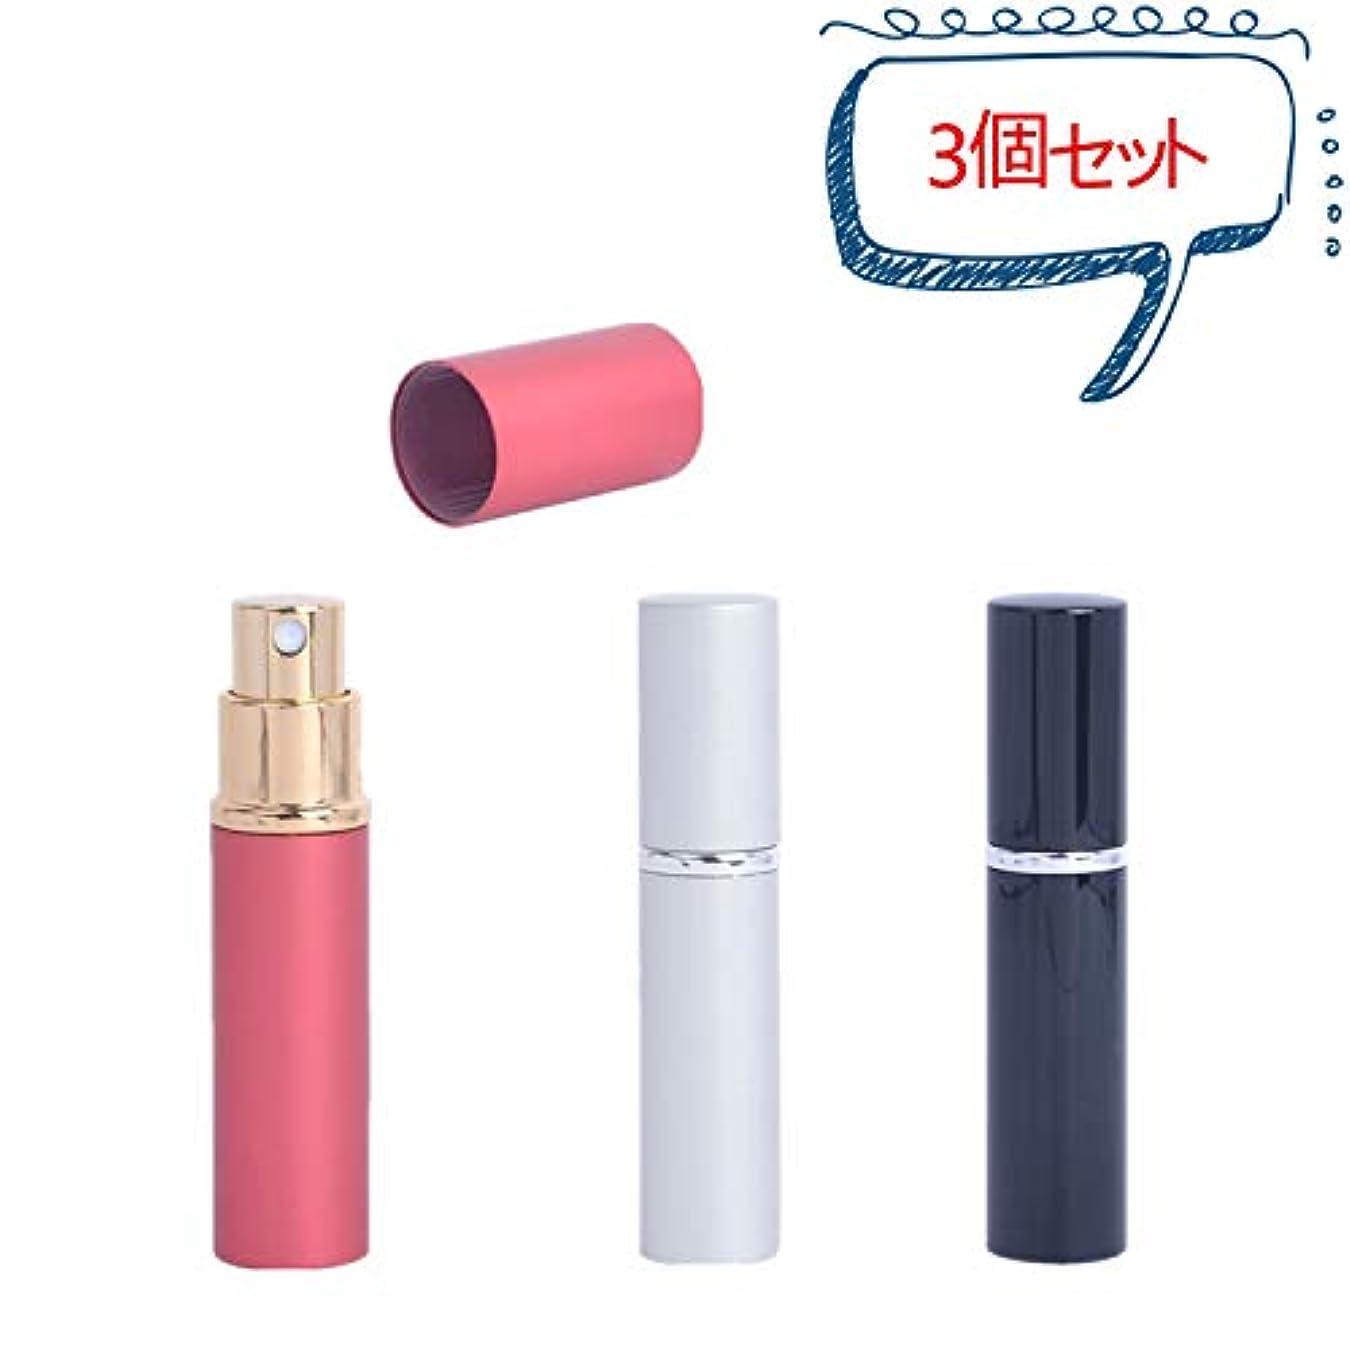 復活するもっと少なく地殻[Hordlend] 3個セット アトマイザー 香水ボトル 香水噴霧器 詰め替え容器 旅行携帯用 5ml 3色セットXSP-025